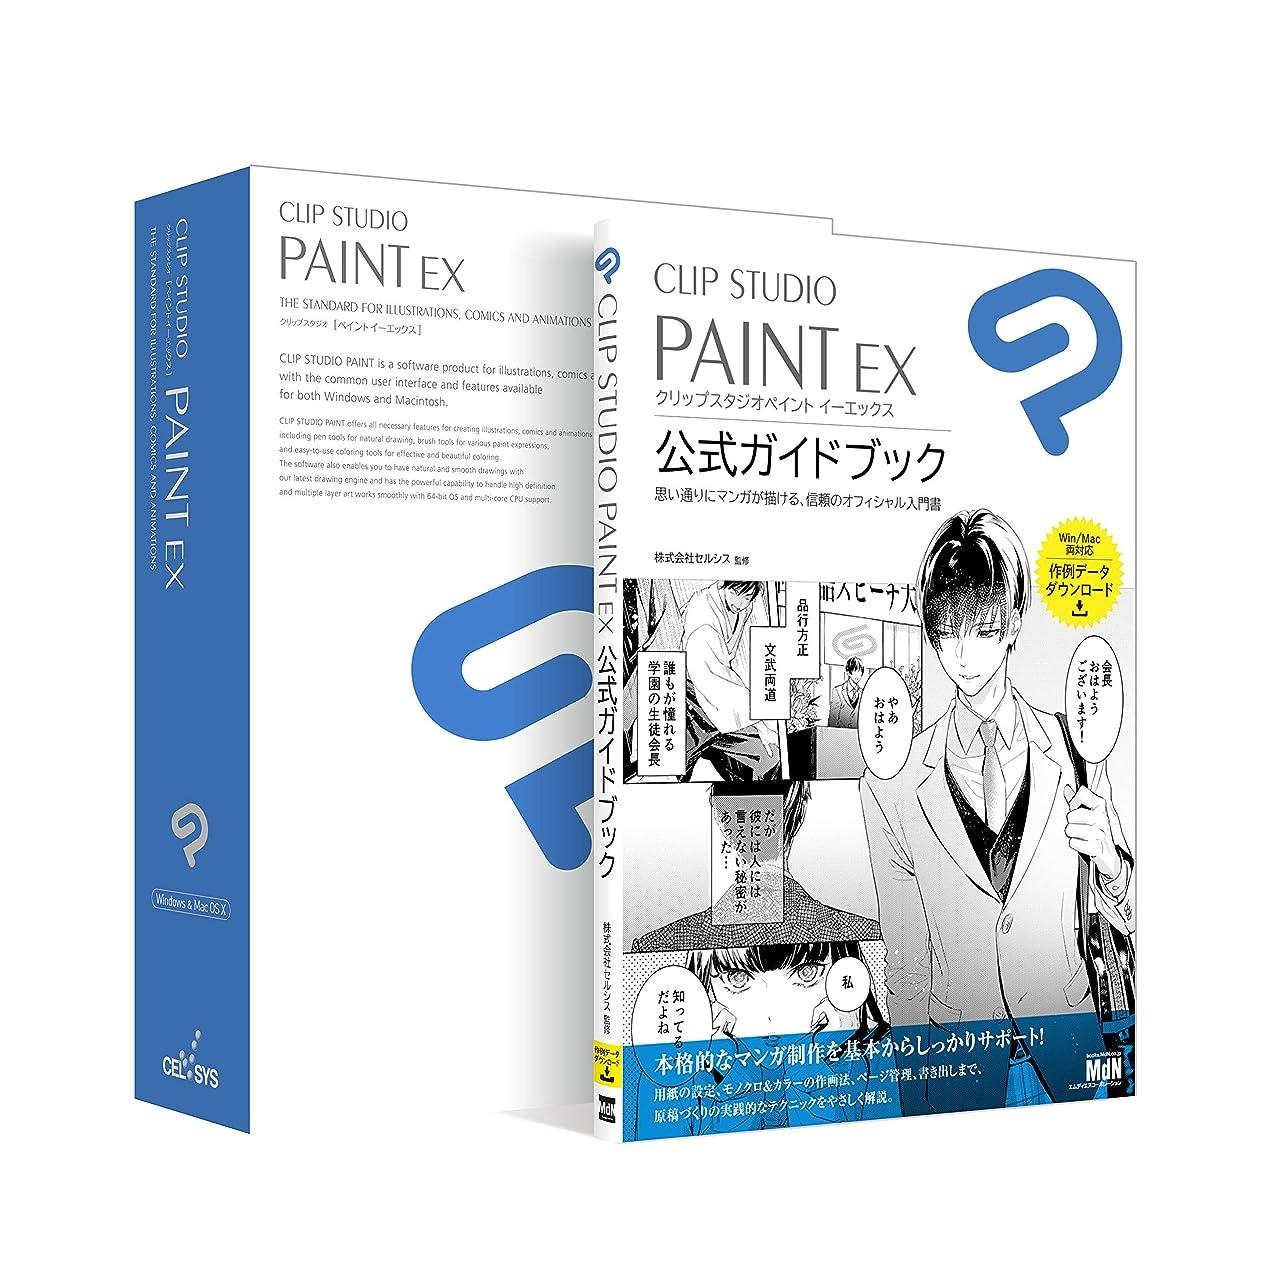 に対応する期待する自伝CLIP STUDIO PAINT EX 公式ガイドブックモデル